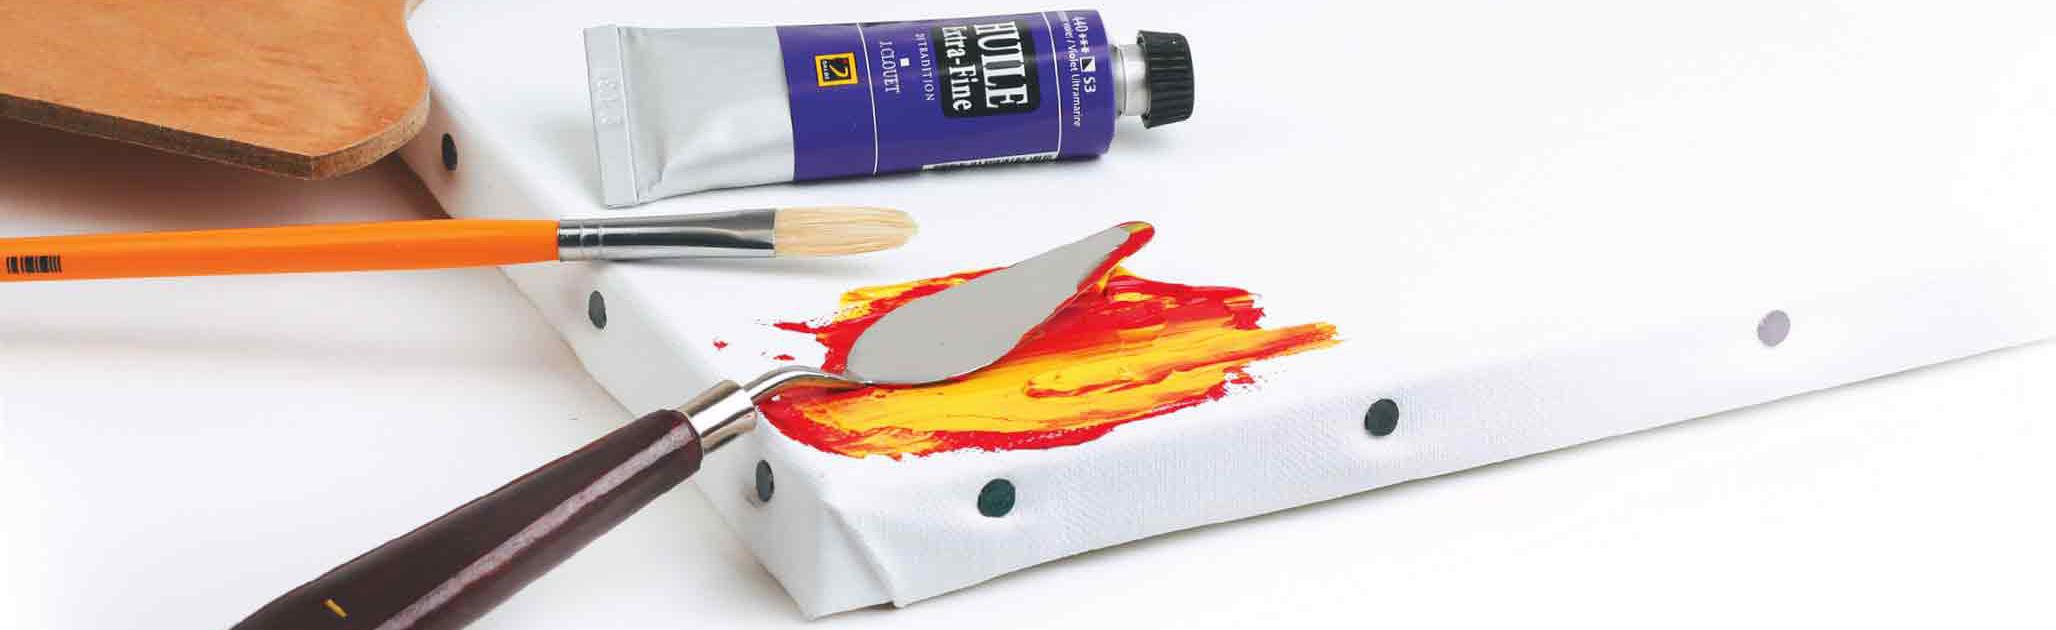 Enlever peinture acrylique sur une toile